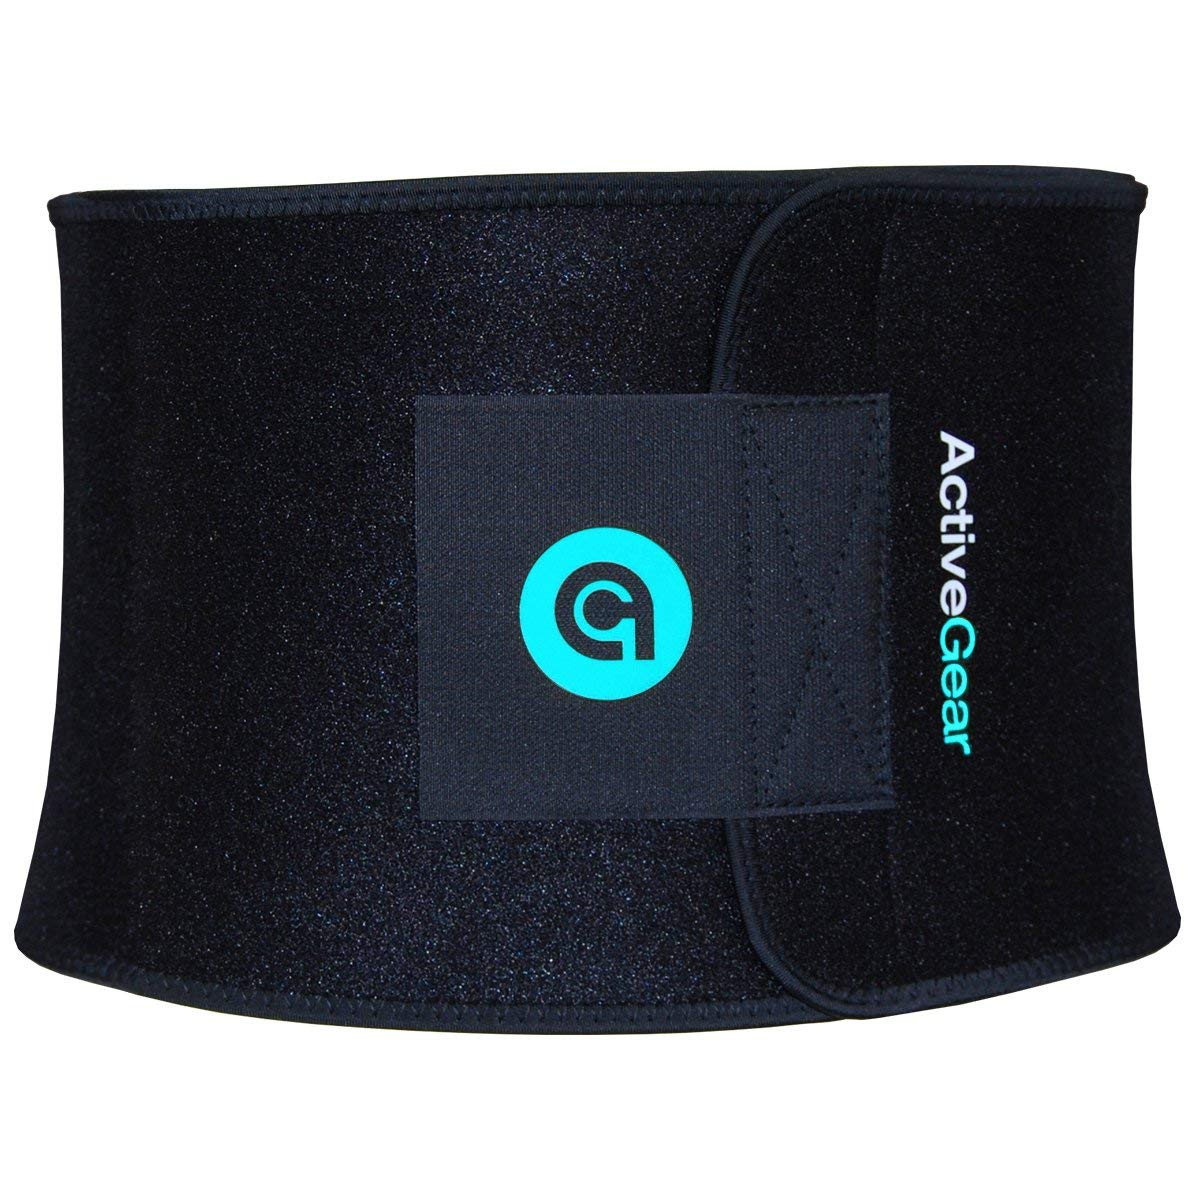 ActiveGear Waist Trimmer Belt Slim Body Review